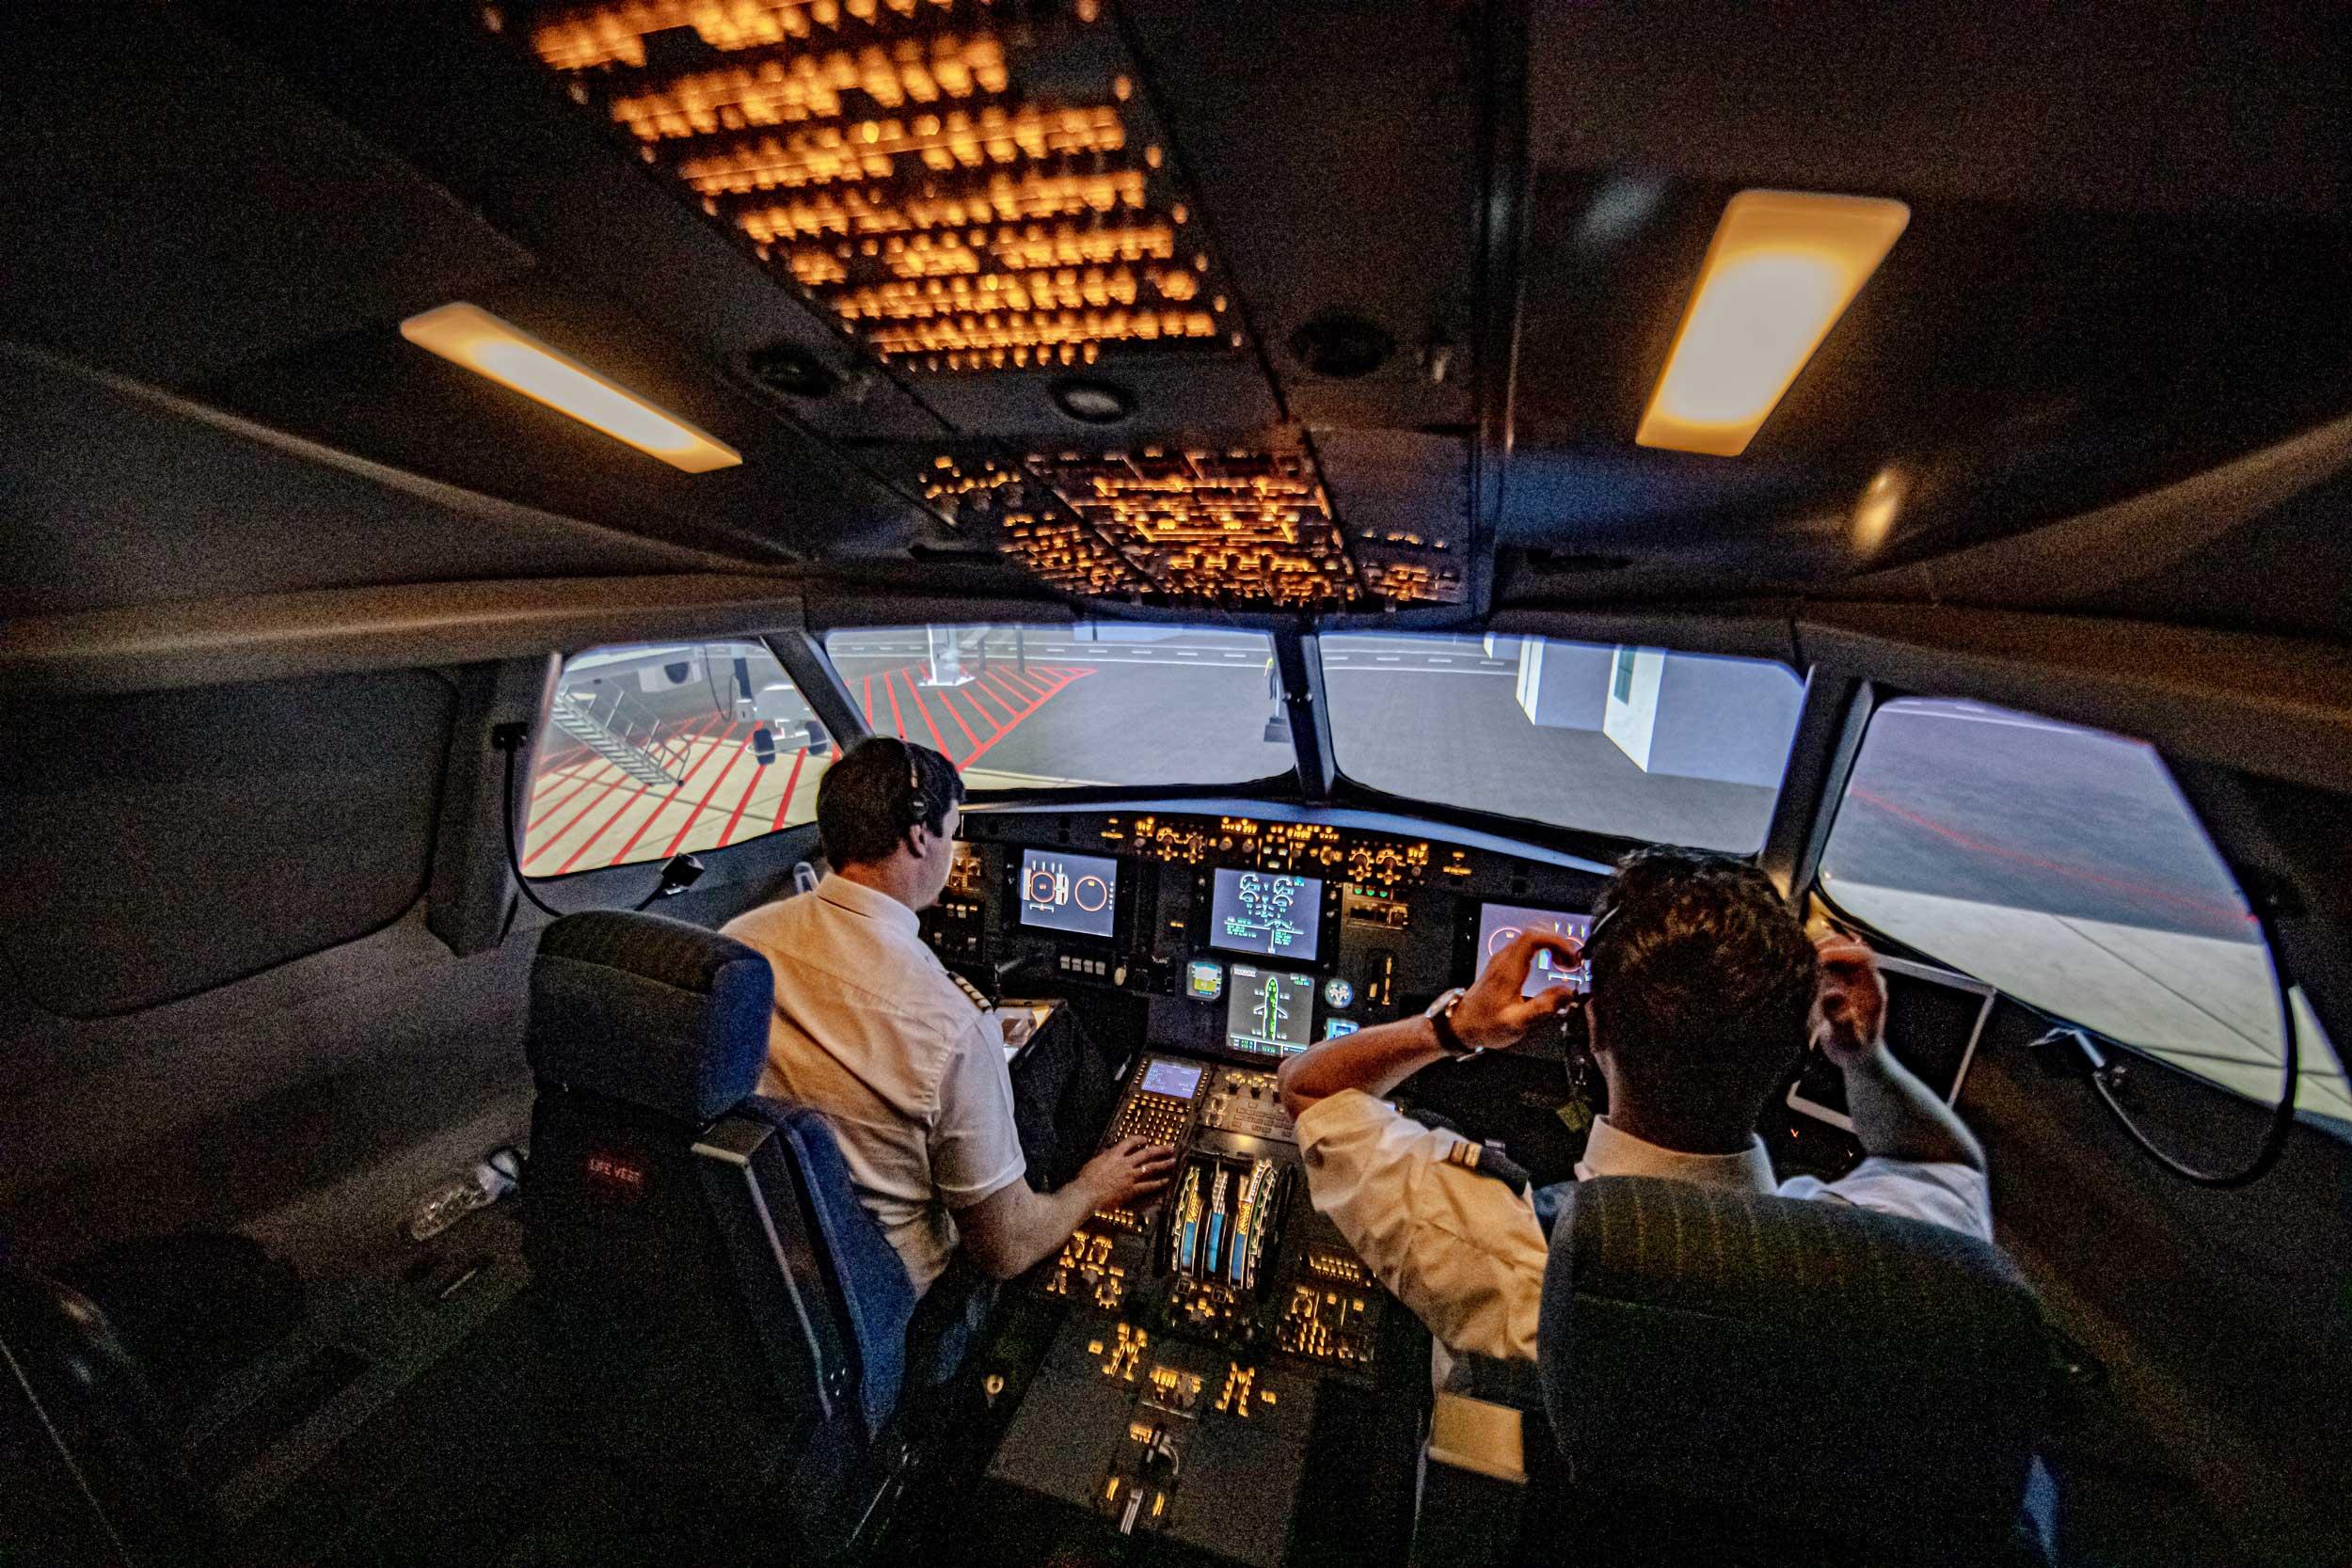 Entrol 4000x simulator